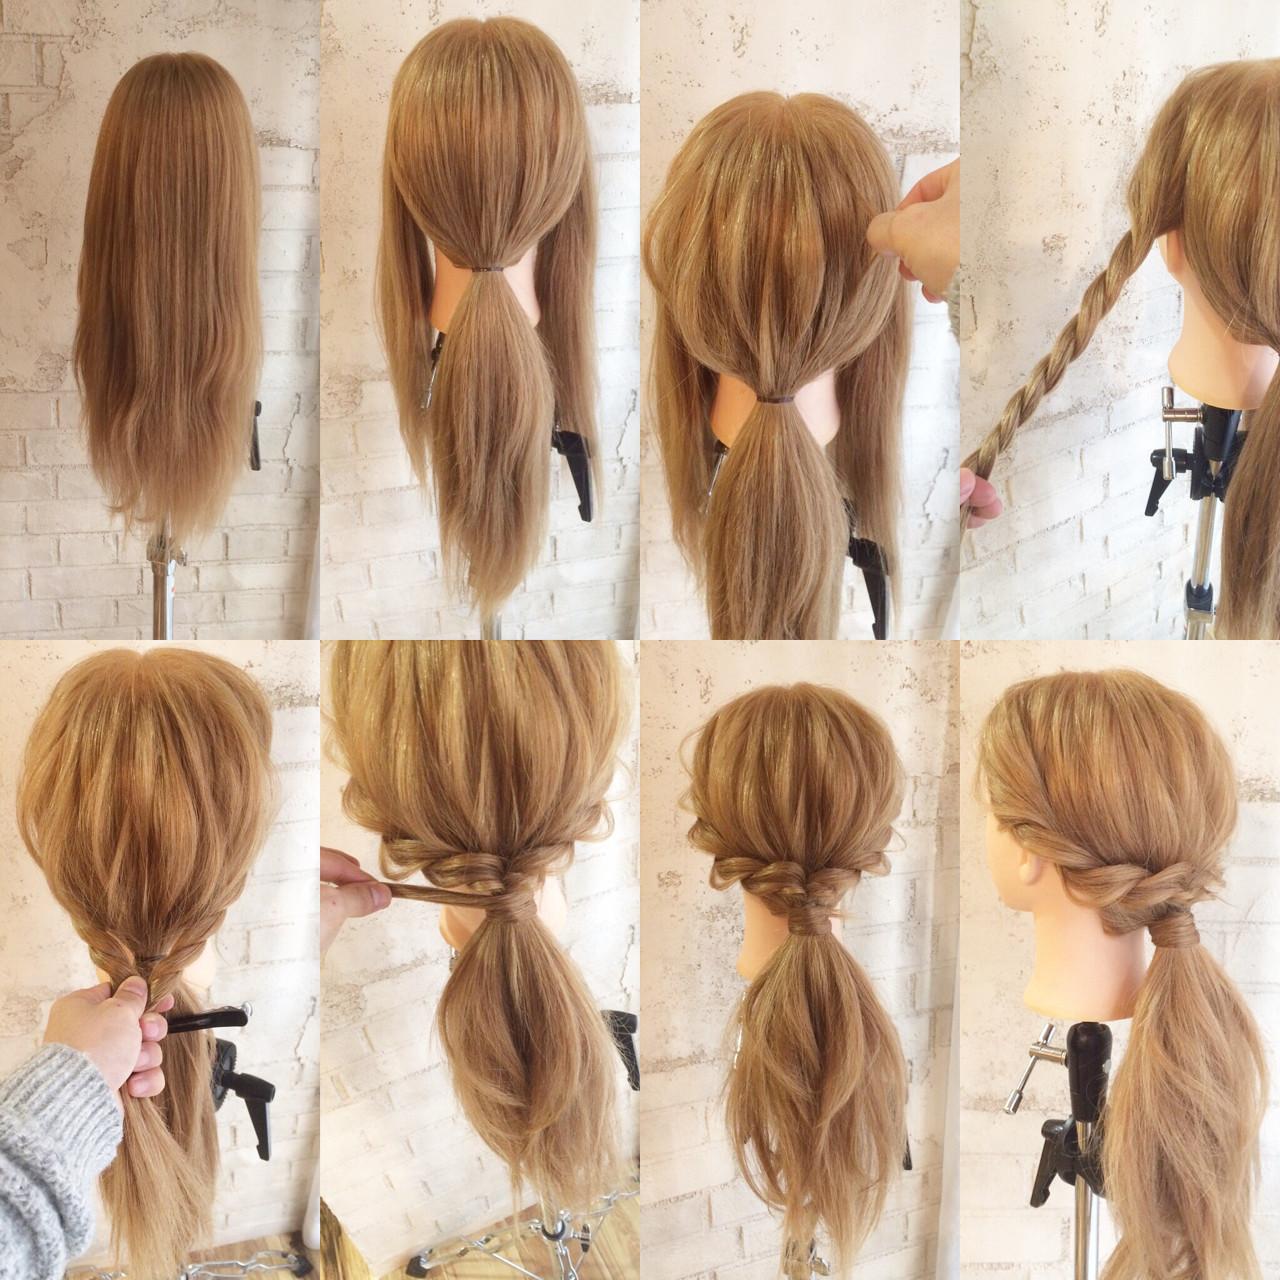 ゆるふわ ポニーテール ヘアアレンジ 簡単ヘアアレンジ ヘアスタイルや髪型の写真・画像